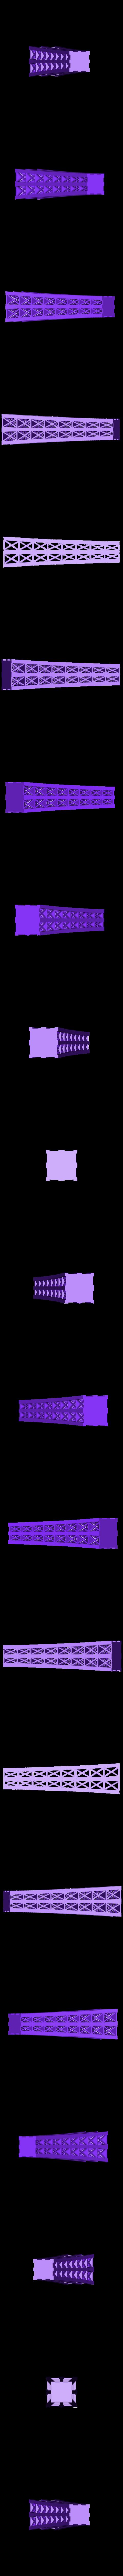 Eiff_4.stl Télécharger fichier STL gratuit Eiffel Tower Model • Objet pour imprimante 3D, Roger